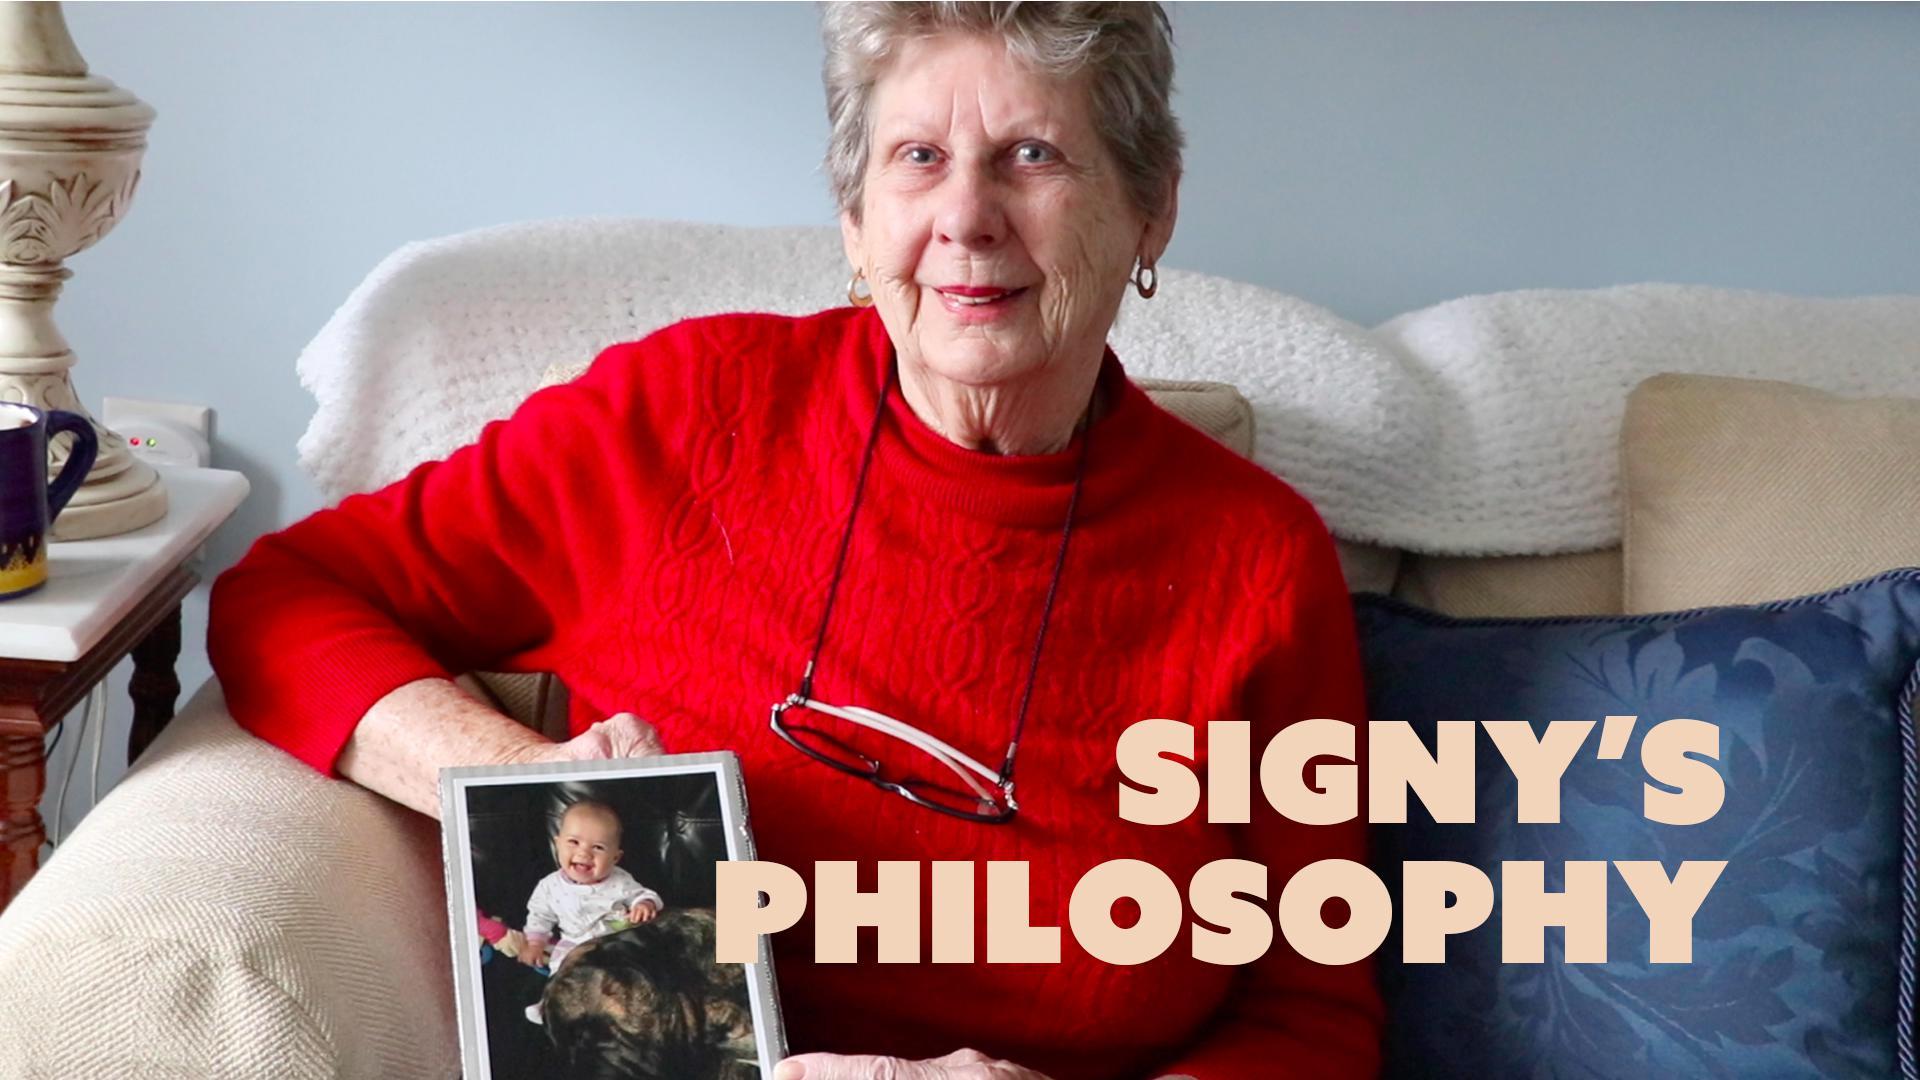 Signy's Philosophy